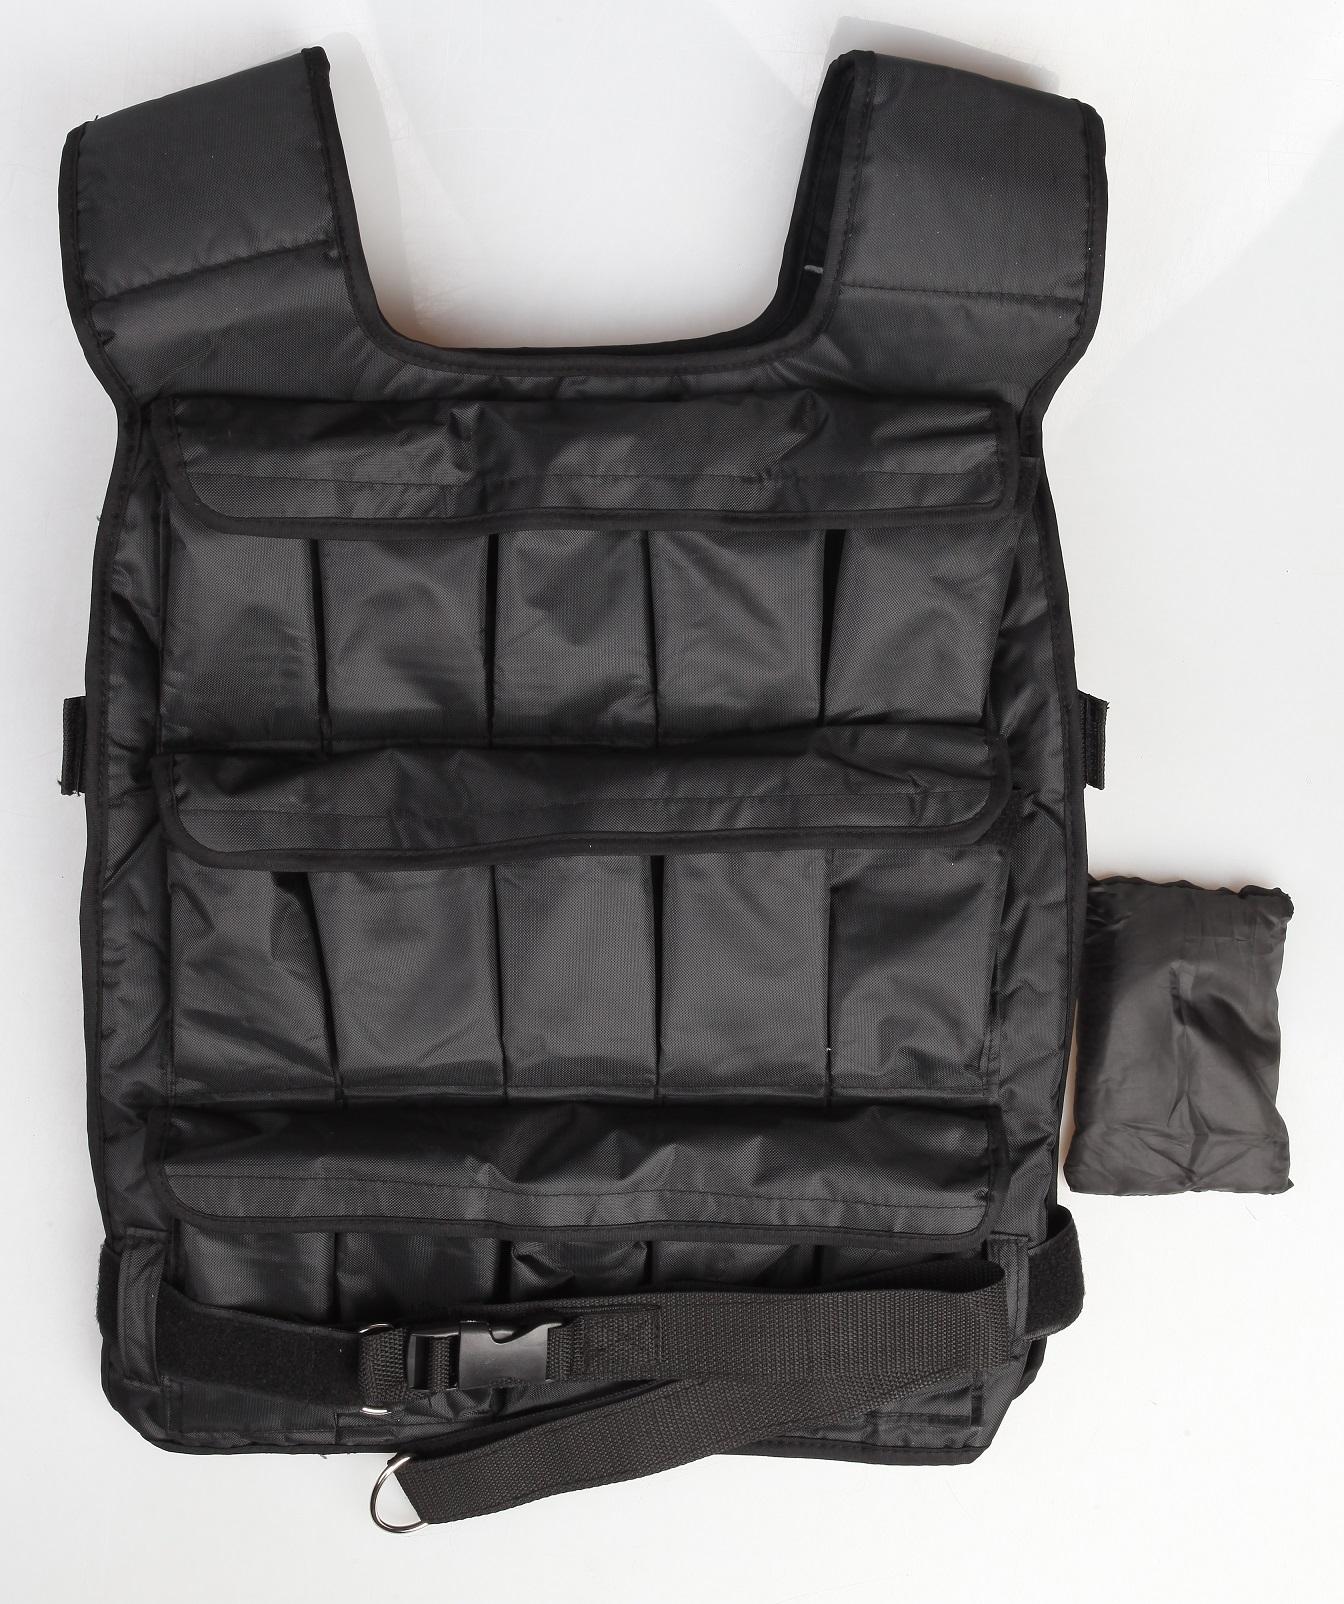 Adjustable Weighted Vest - 20 KG  Z2503